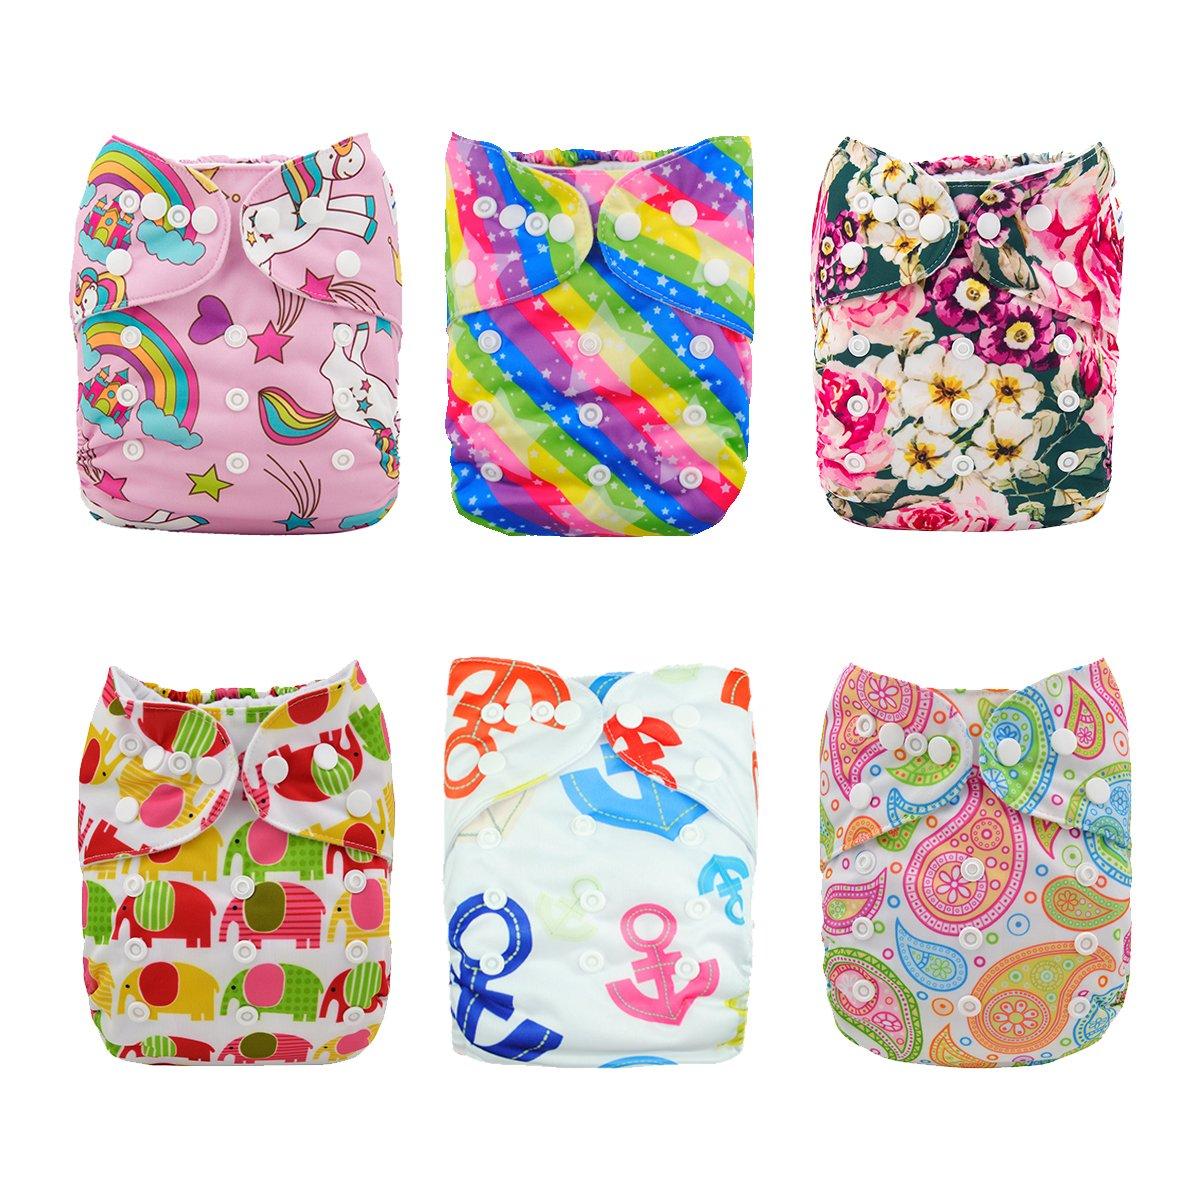 Amazon.com : Alva Baby CADA paquete tiene 6pcs pañal y 2 inserciones ajustado pañal reutilizables de Tela (Color Unisex) 6DM18-ES : Baby